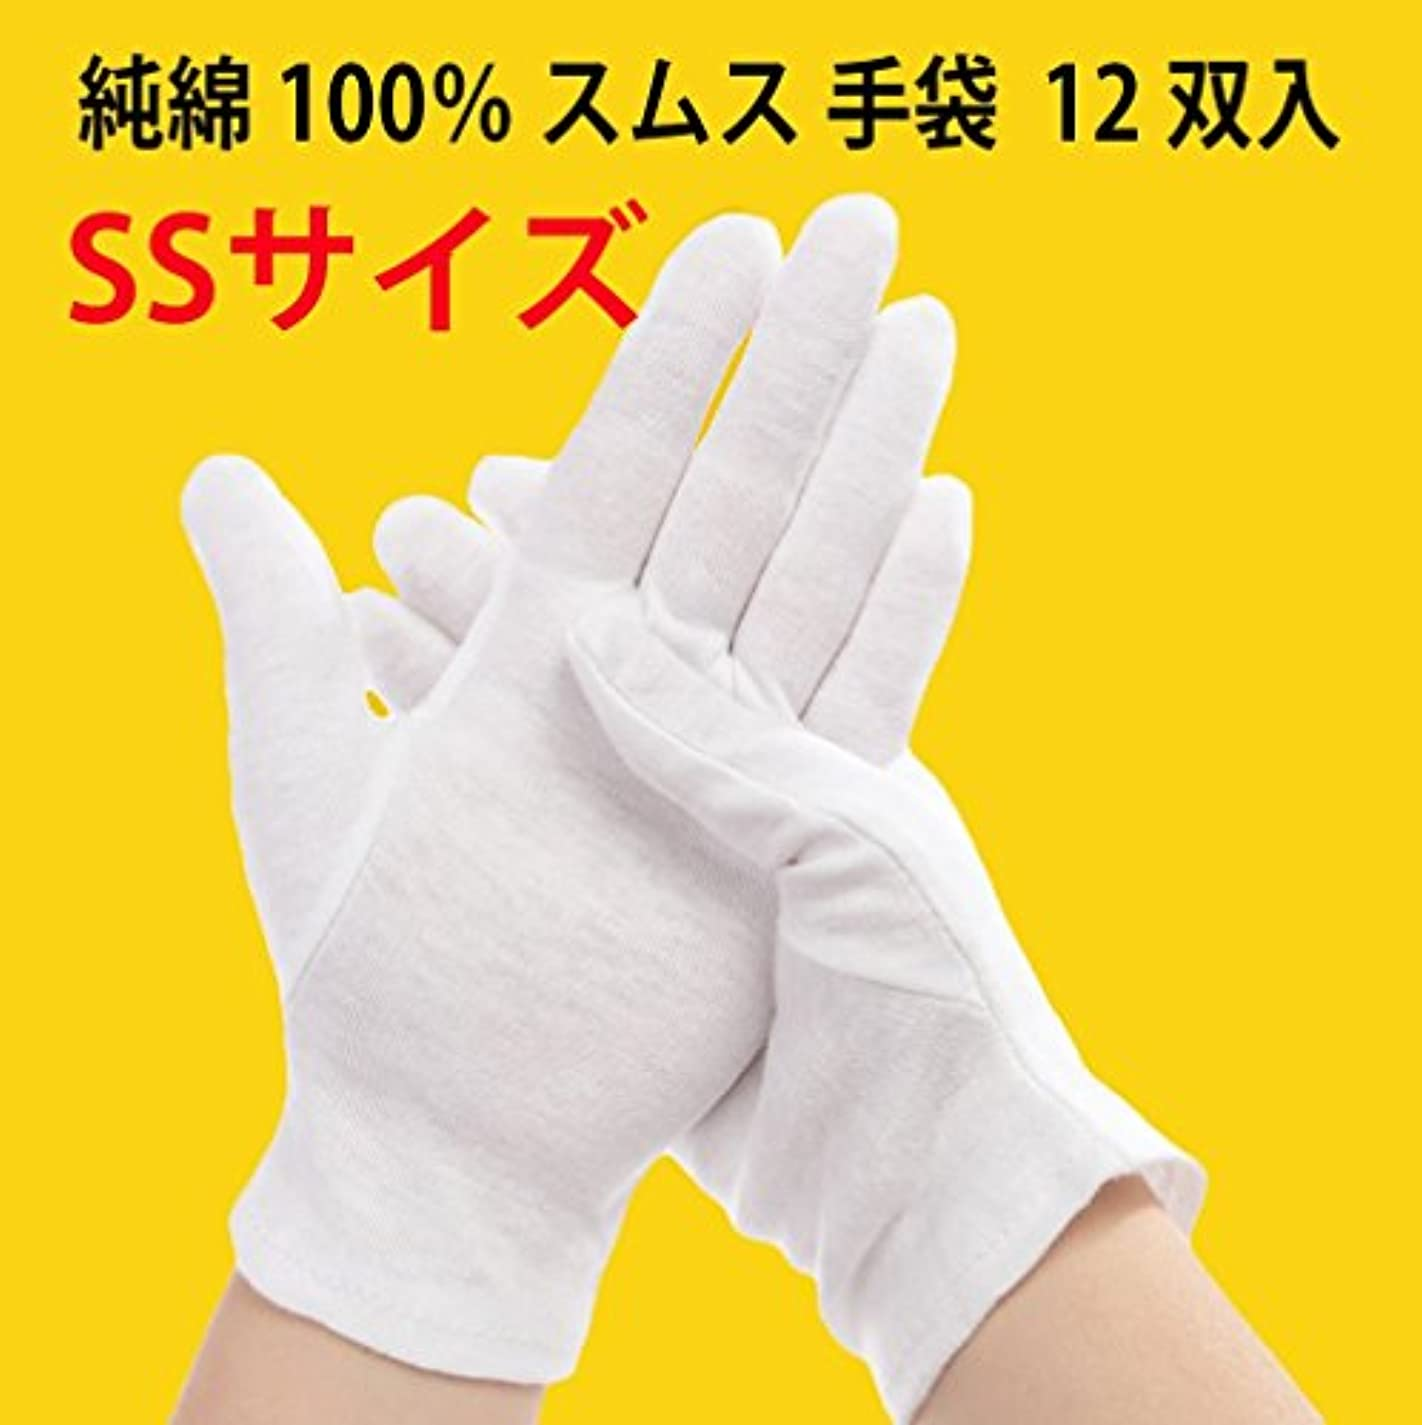 泥沼適度にダウンタウン純綿100% スムス 手袋 SSサイズ 12双入 子供?女性に最適 多用途 作業手袋 101111